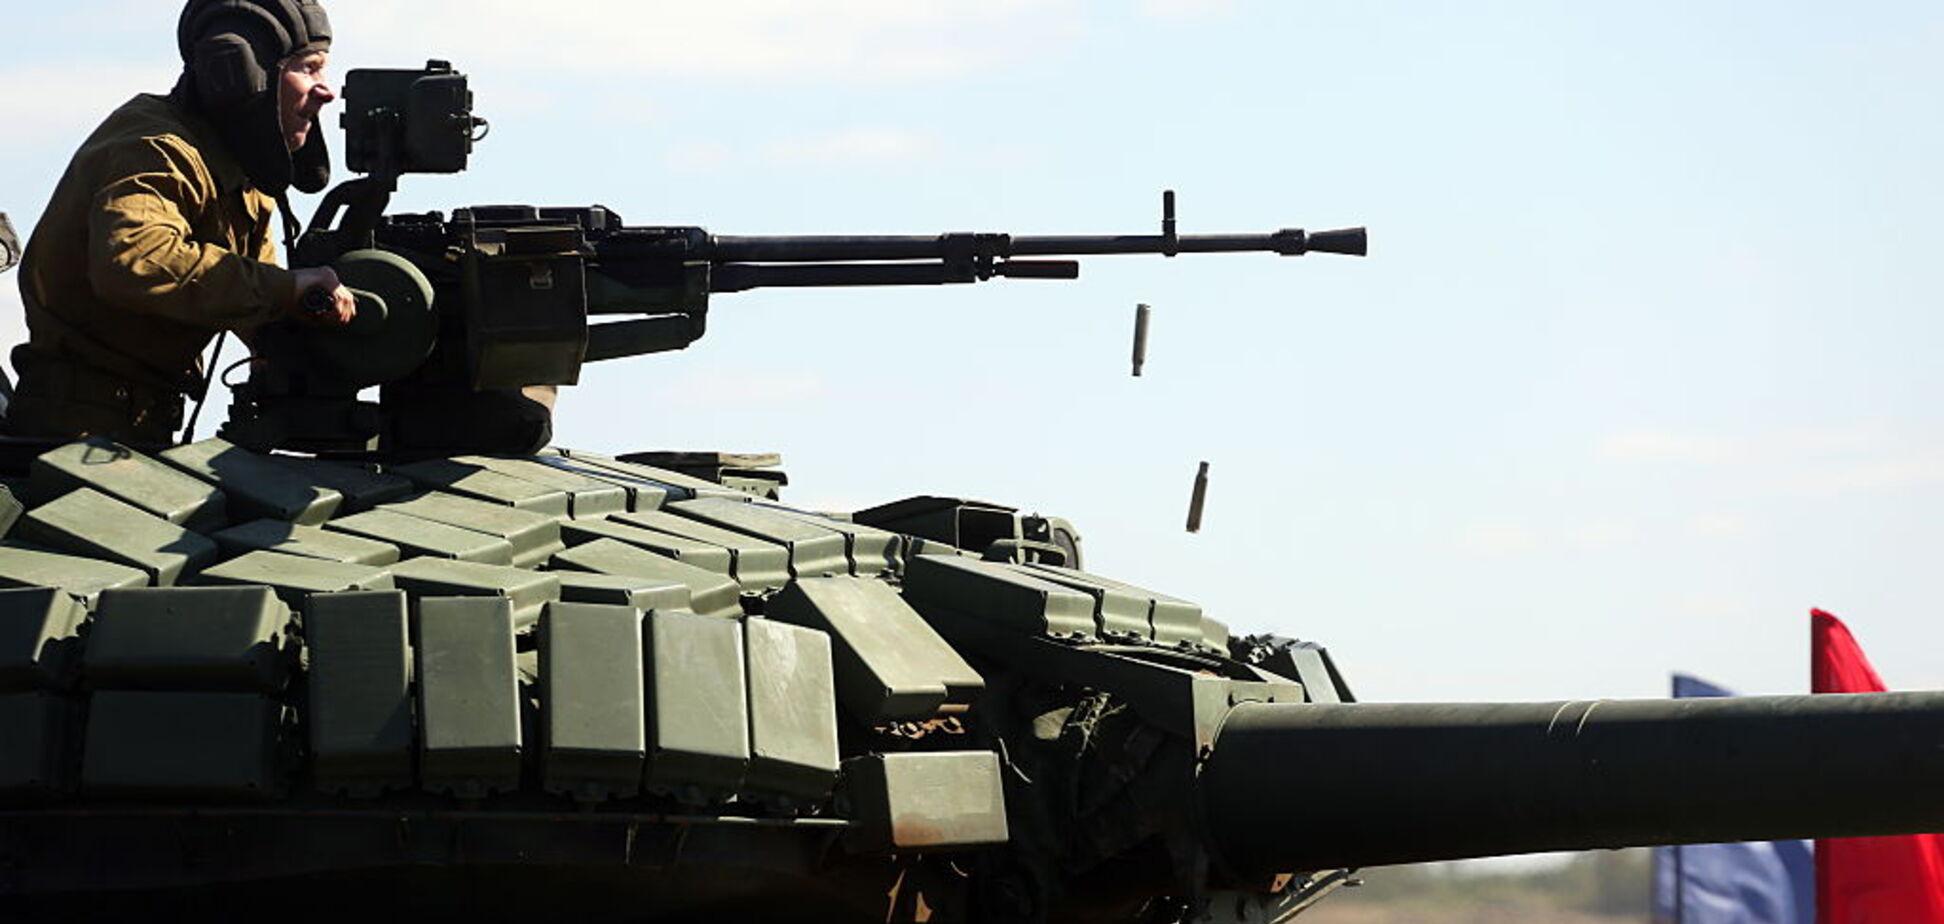 США этого ждут: Арестович объяснил, что будет если Россия введет крупные войска на Донбасс